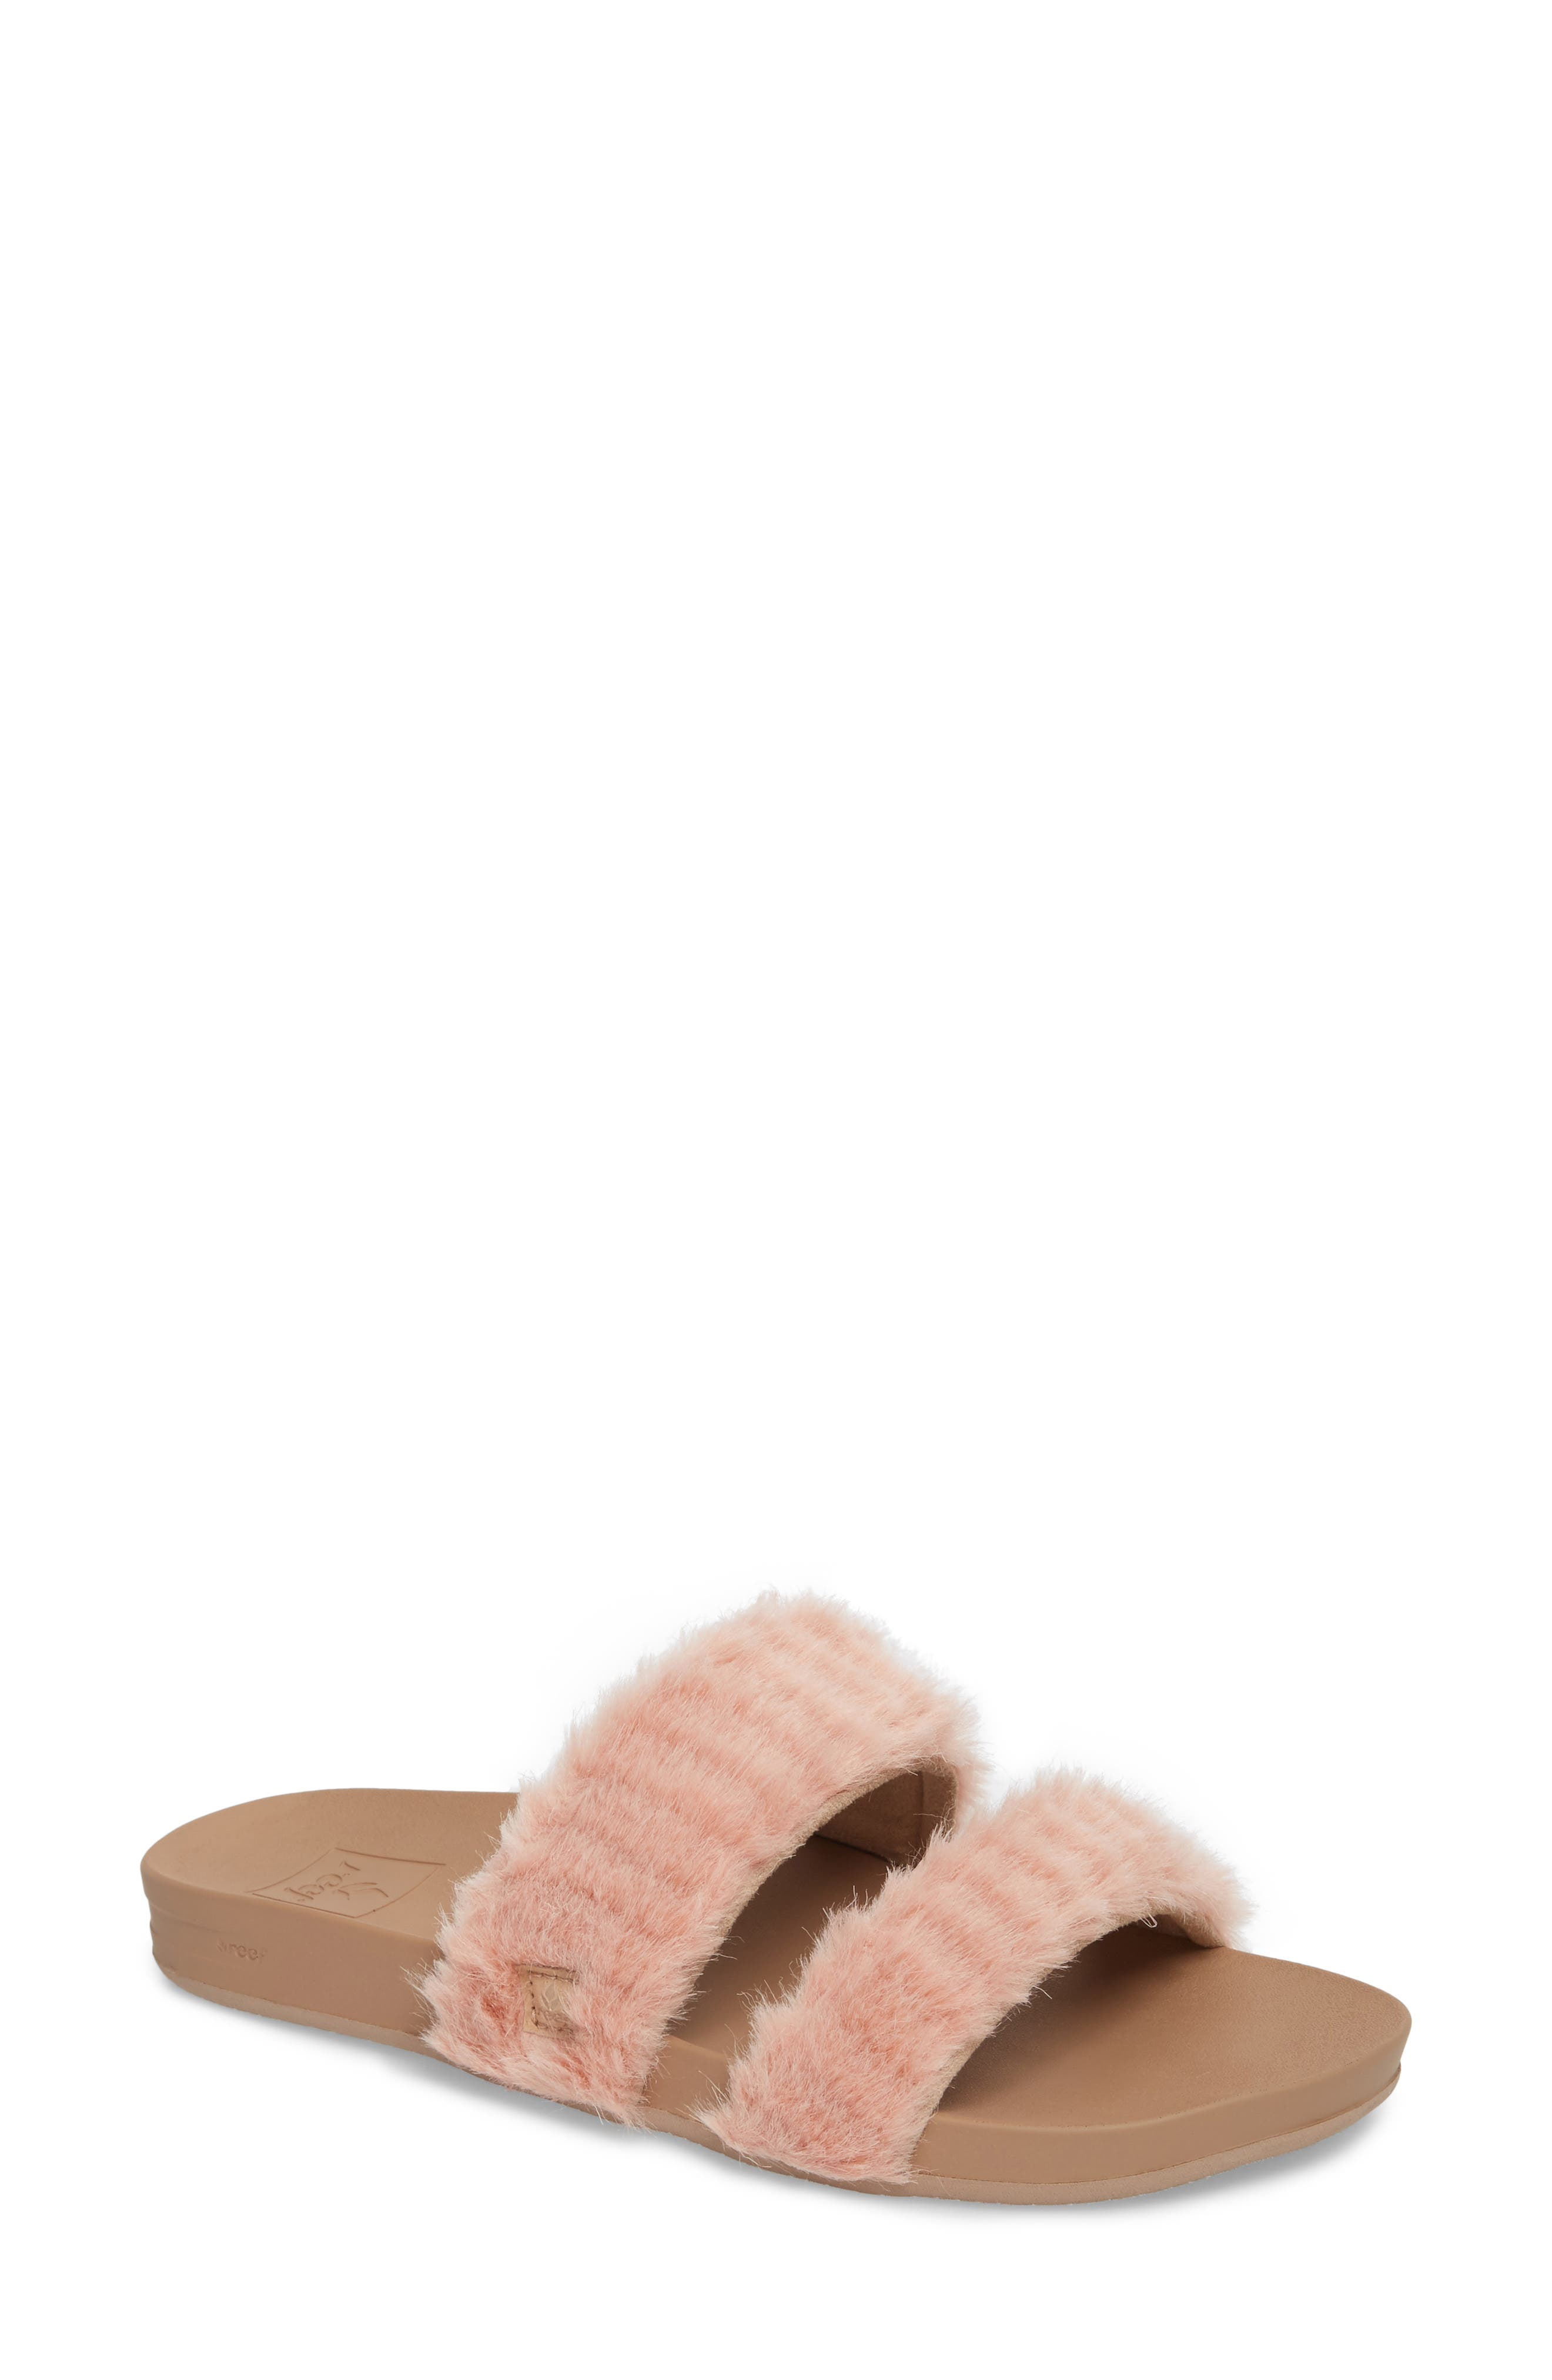 Bounce Faux Fur Double Strap Slide Sandal,                             Main thumbnail 1, color,                             Blush